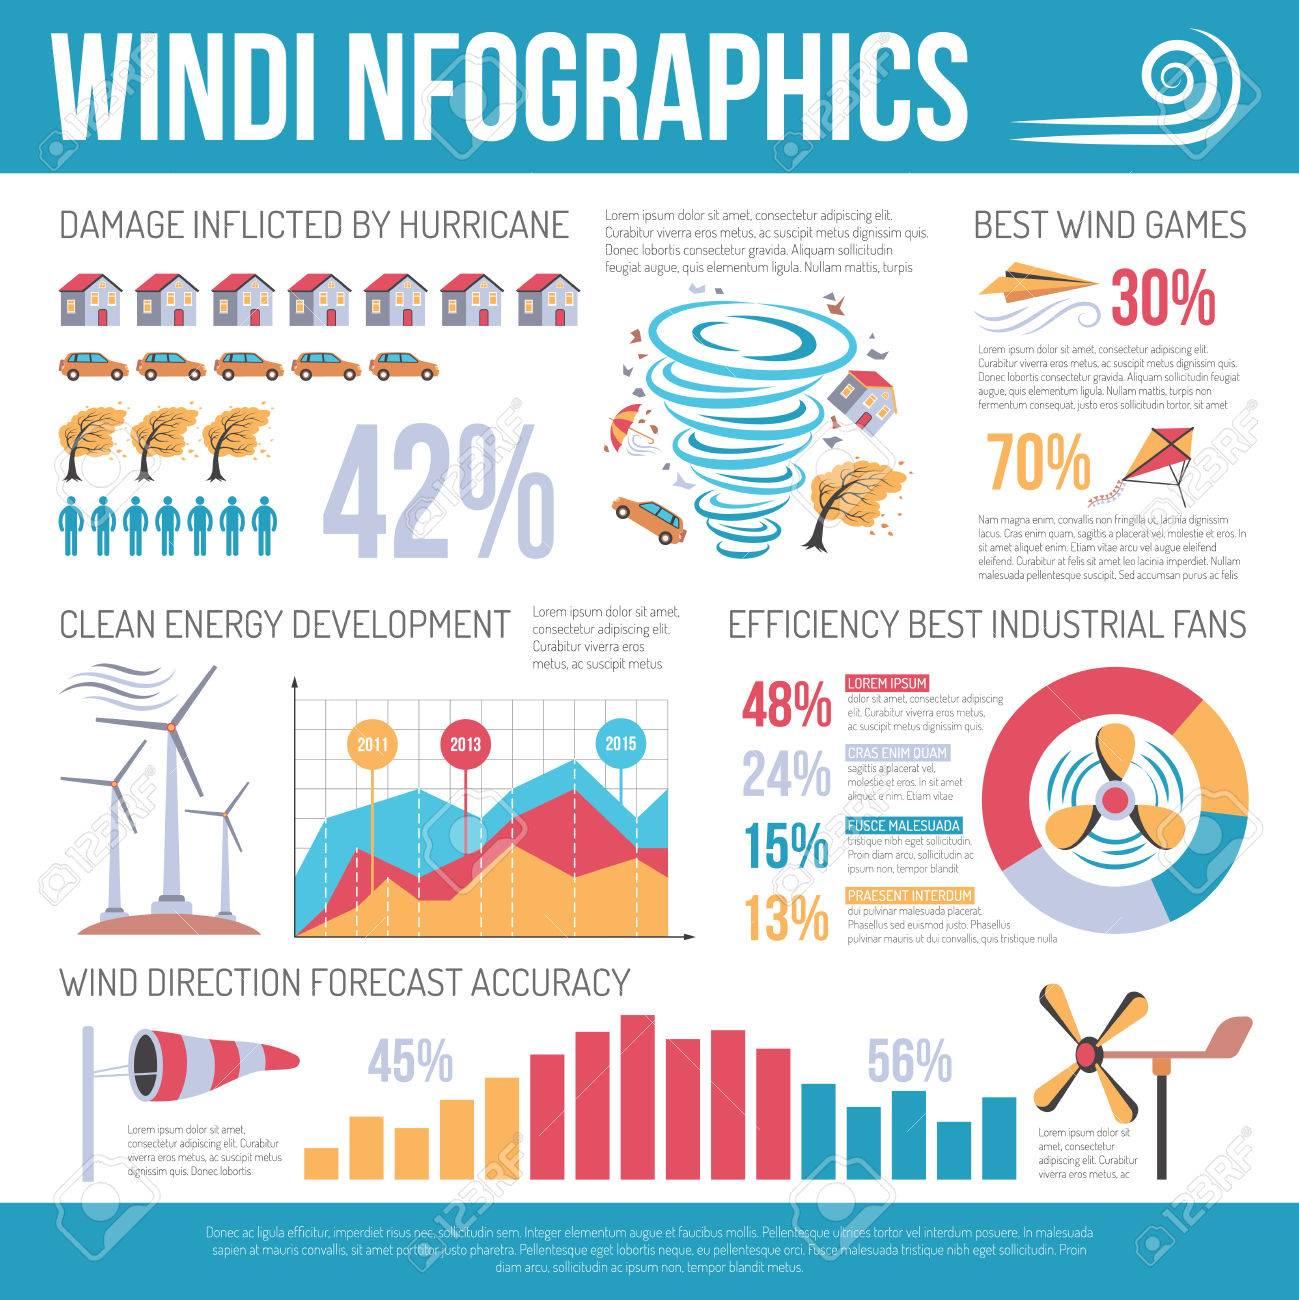 Viento Como Fuente De Energía Limpia Renovable Cartel Infografía Con ...